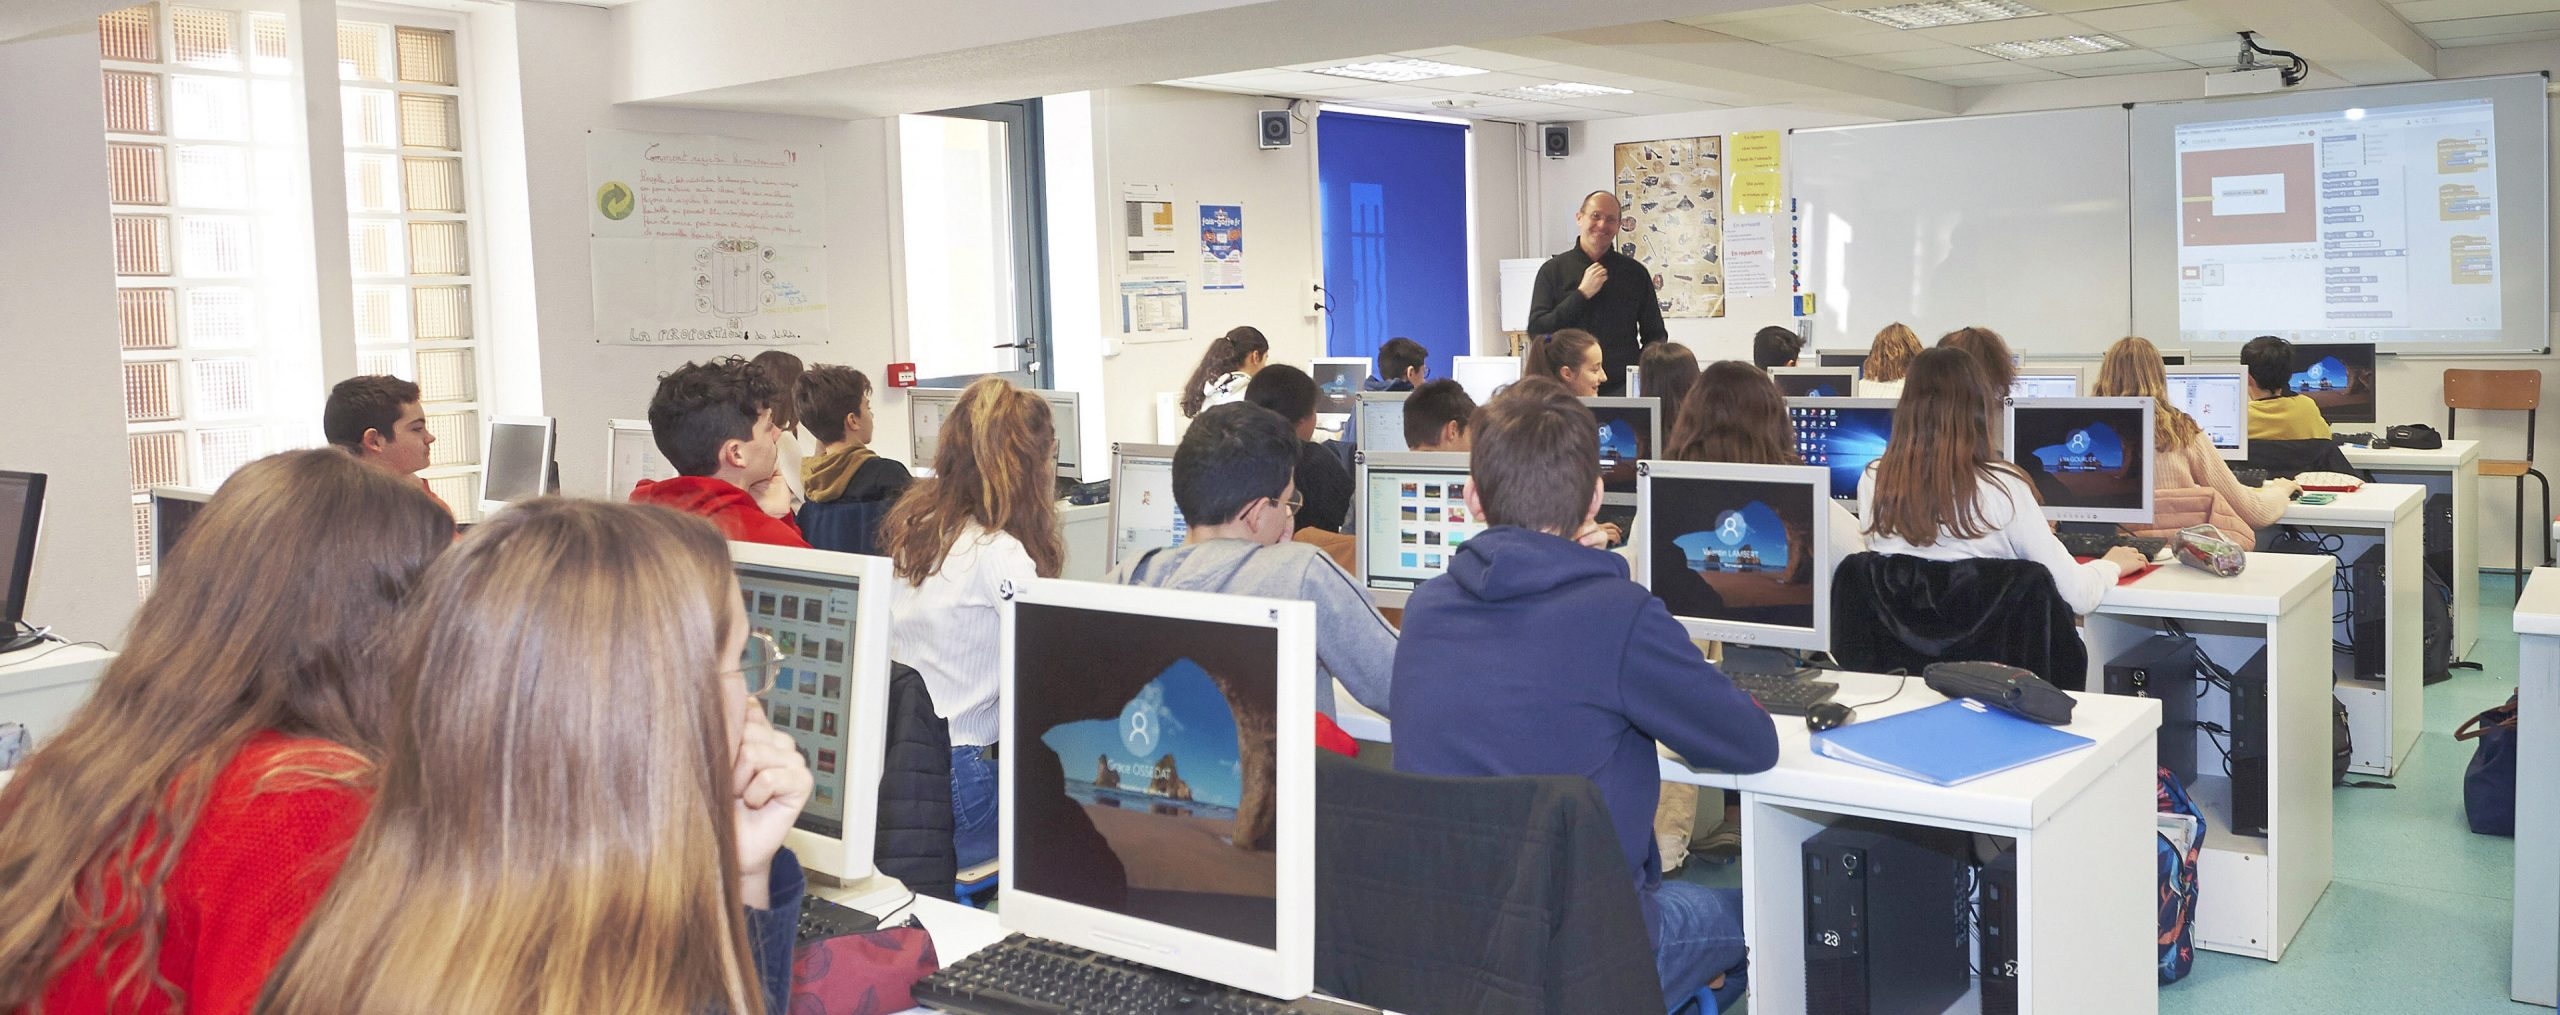 image d'une classe